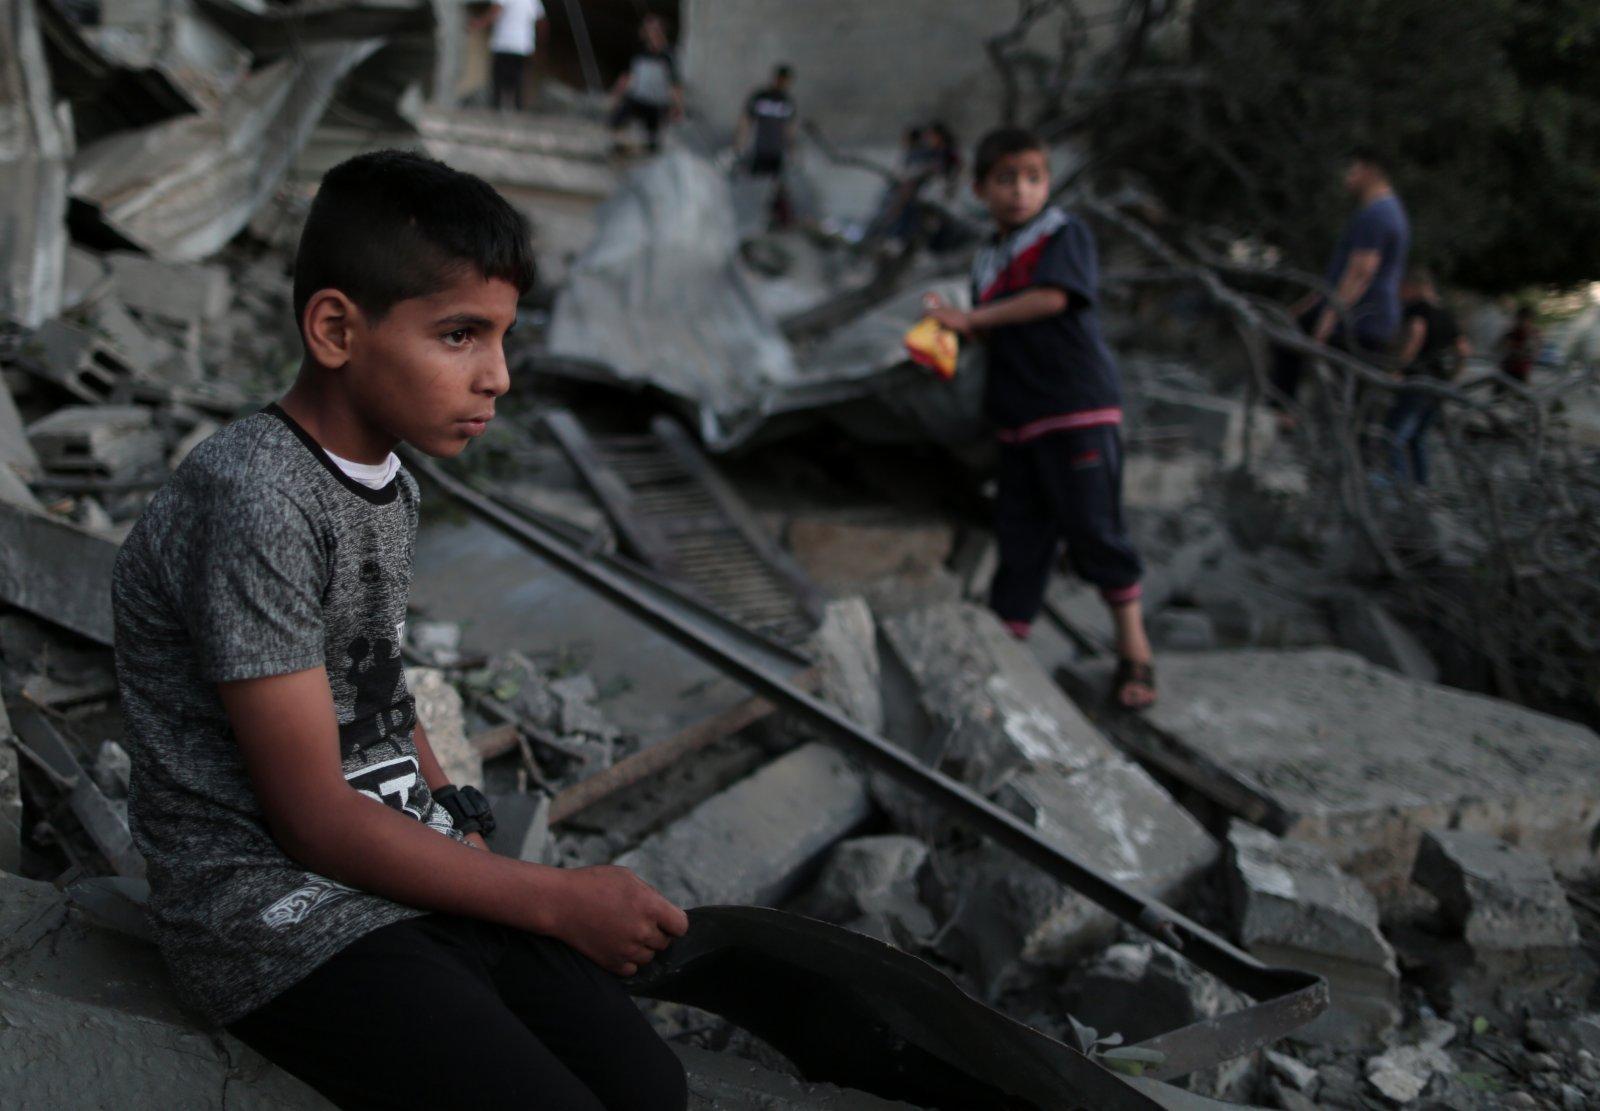 5月14日,在加沙地帶城市汗尤尼斯,巴勒斯坦兒童坐在被以軍空襲摧毀的一處房屋廢墟上。